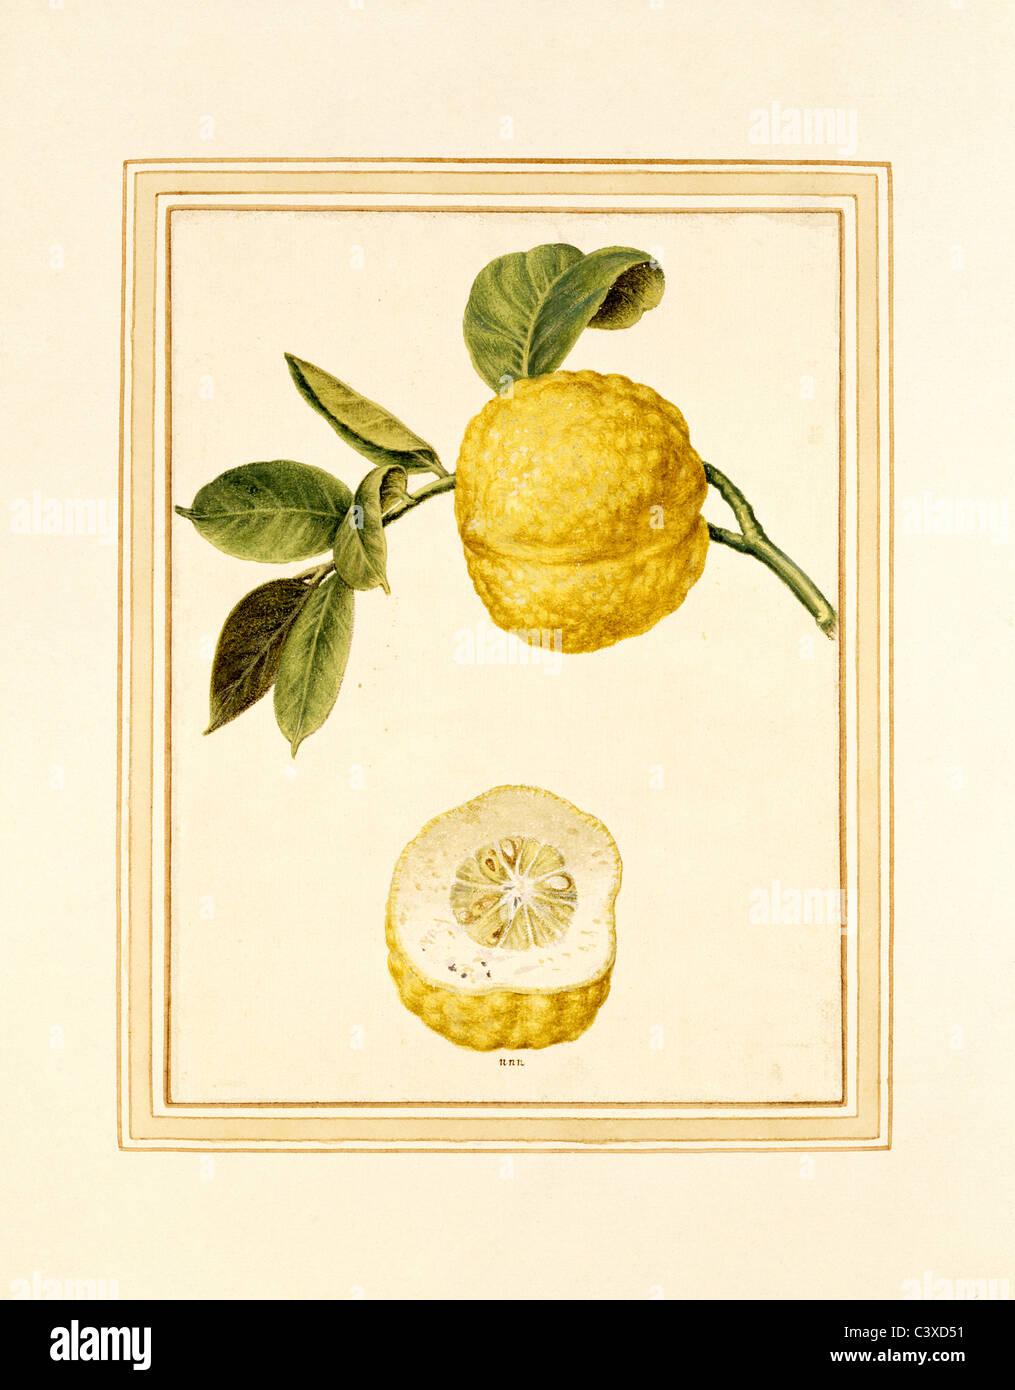 Citron sur tige. Italie, 18e siècle Banque D'Images